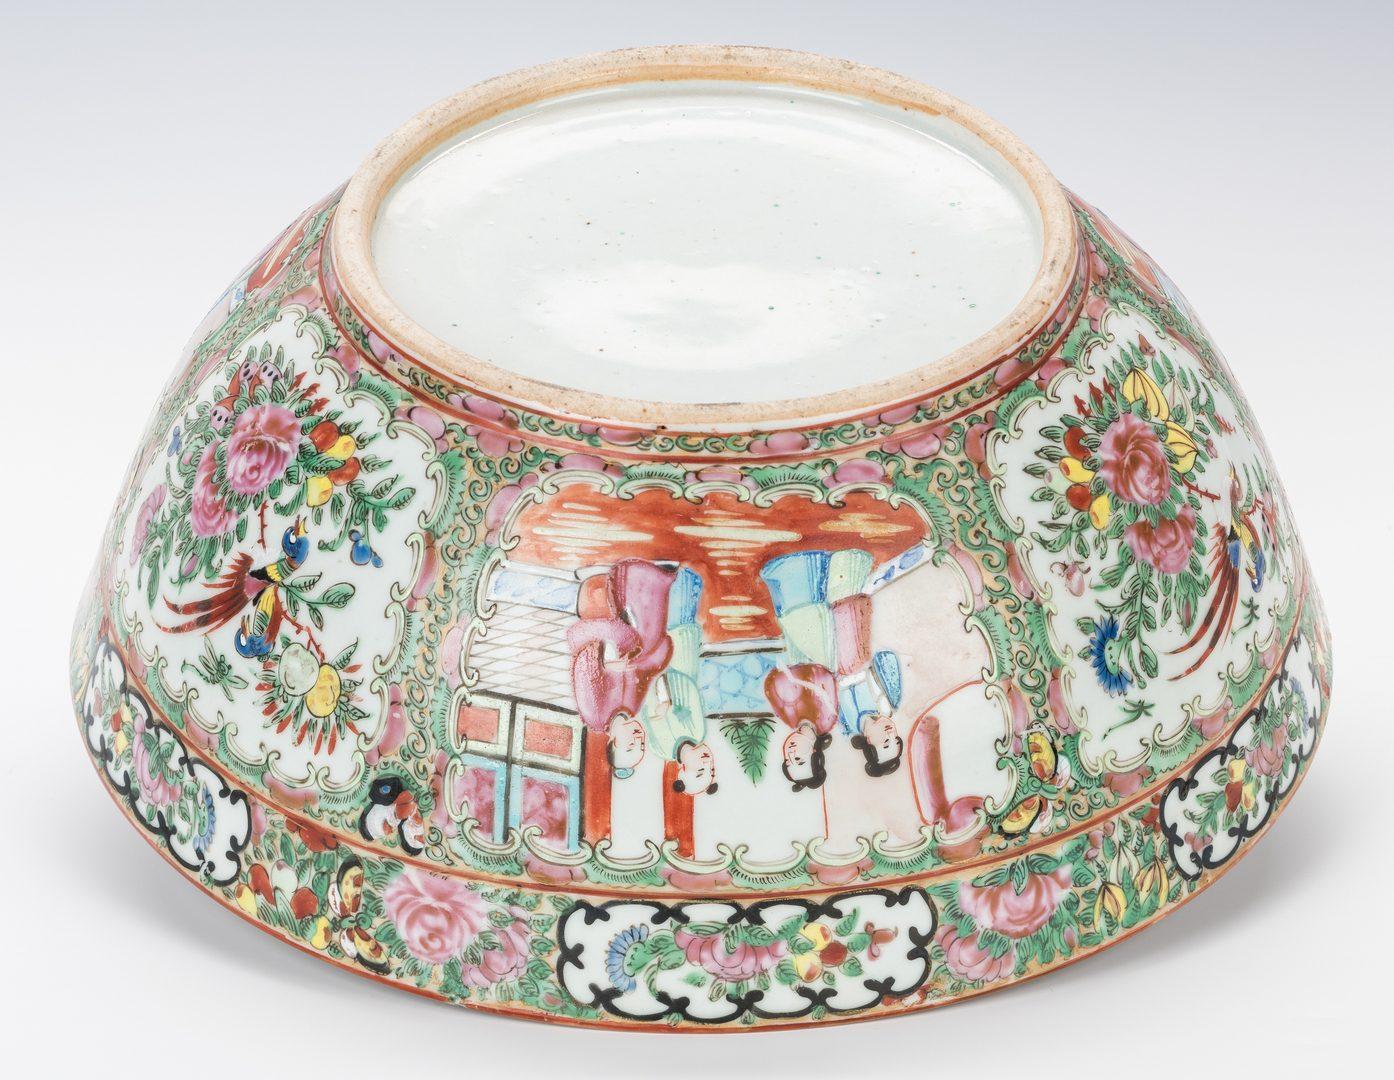 Lot 759: Rose Medallion Porcelain Punch Bowl